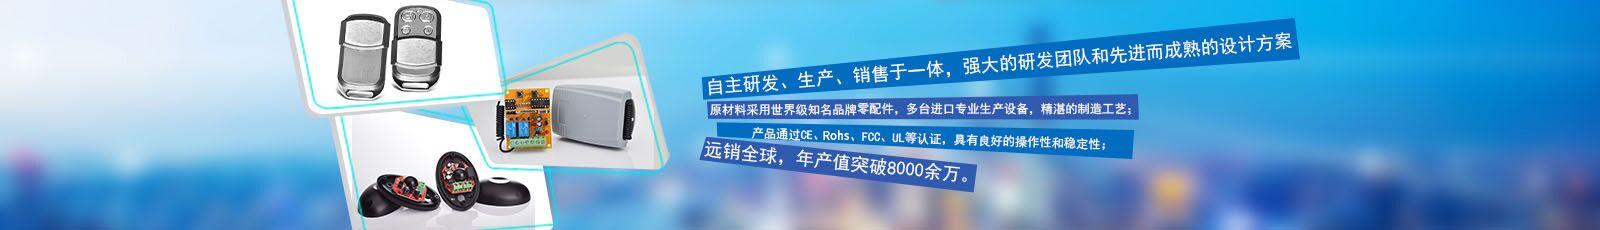 星际电wan城——集研发、设计、星际电wan城、xiao售、服务于yiti的综he性高科技民营企业